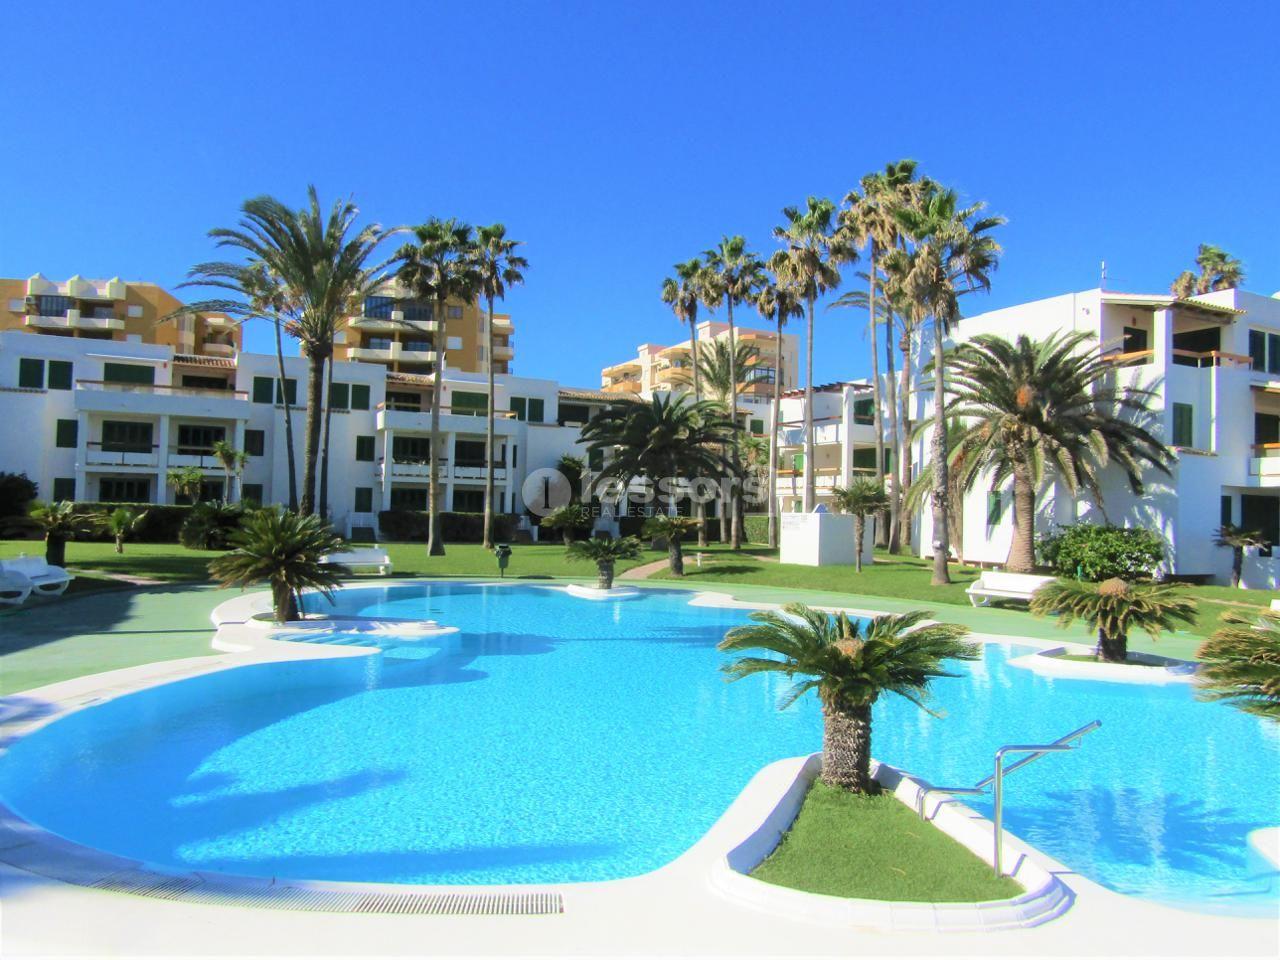 Lloguer Pis a Xeraco. Alquiler anual.residencial privado con piscina y primera linea d